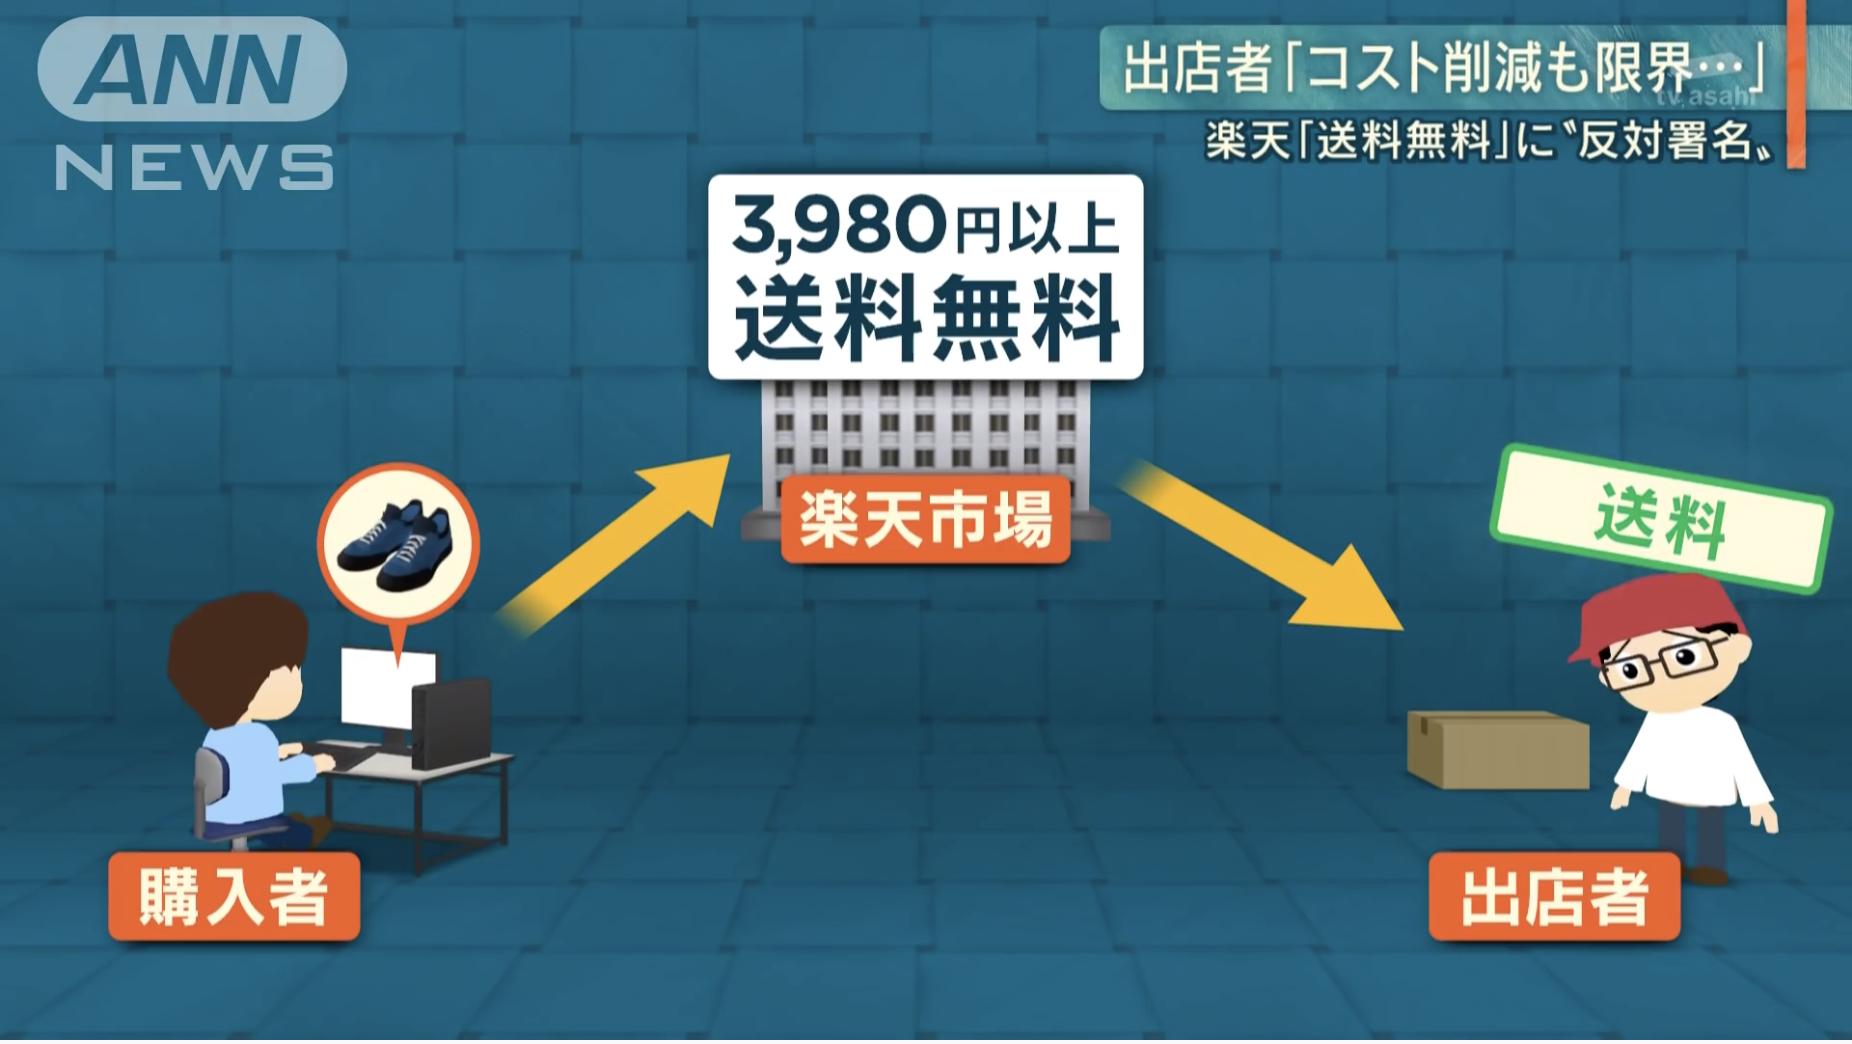 【楽天市場】送料無料 出店者ら反対署名